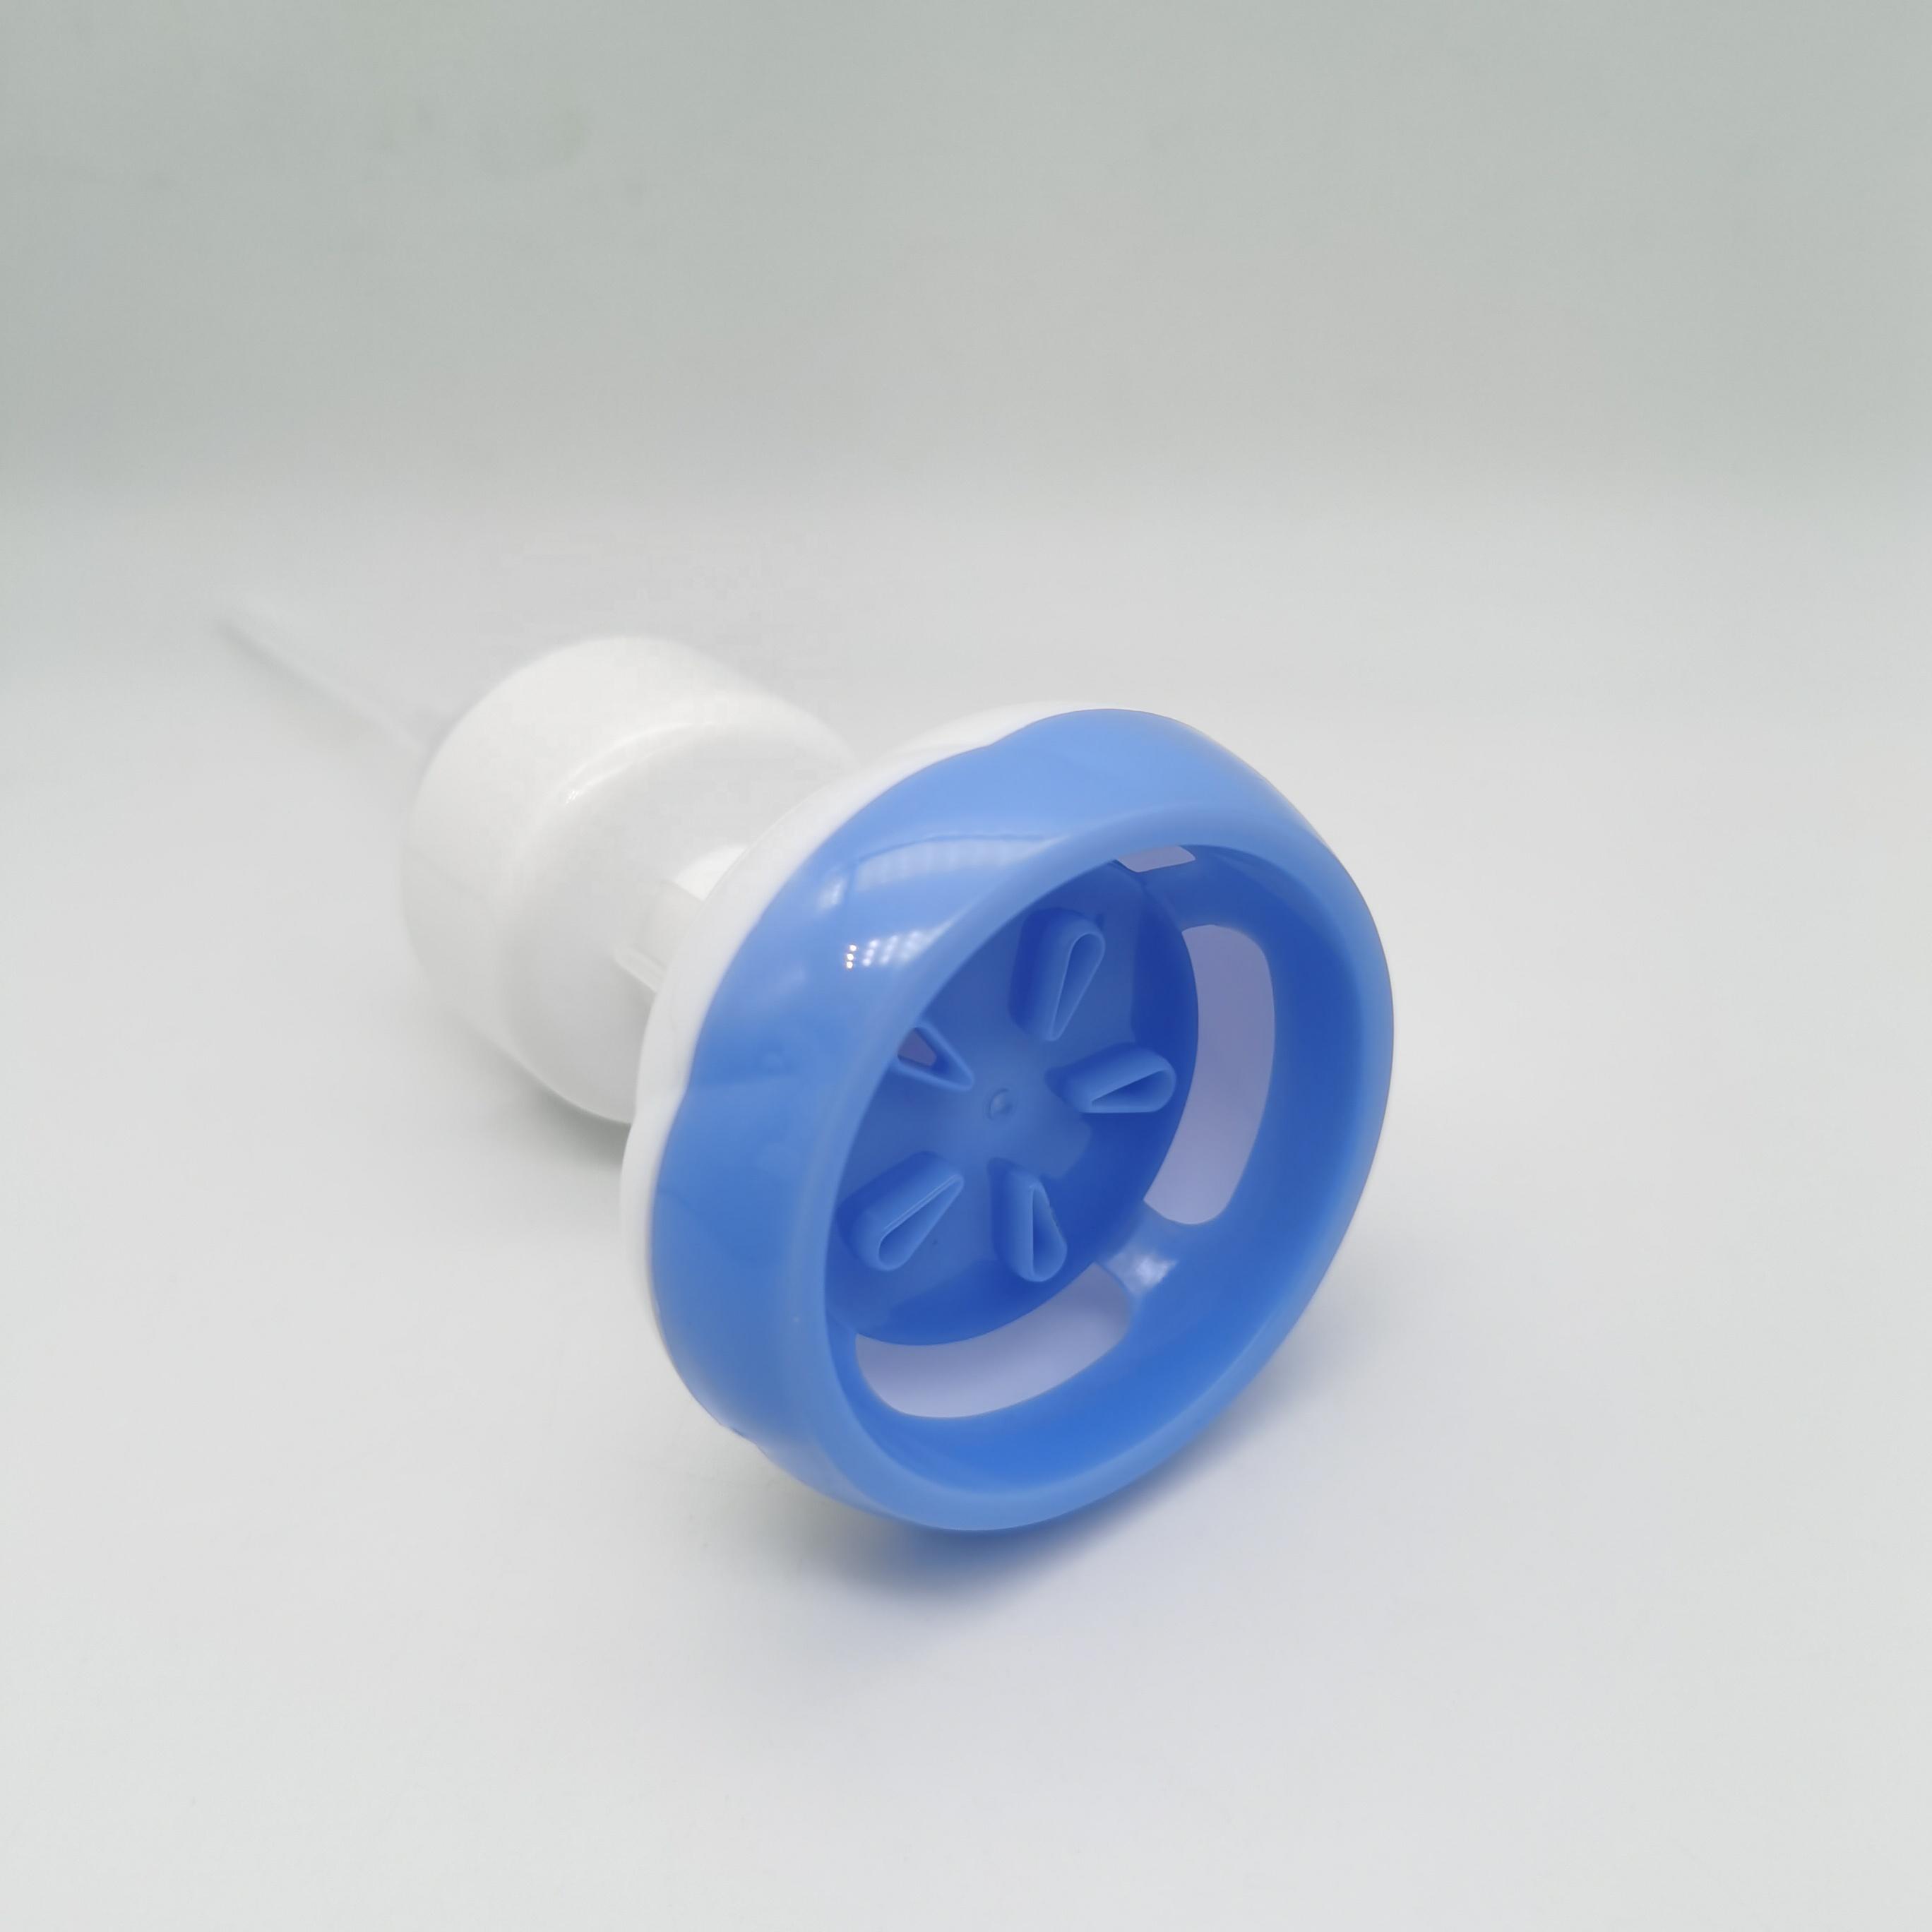 Диспенсер для мыла для рук, пенопластовый дозатор для цветов plumeria, с стволом, 42 мм, 43 мм